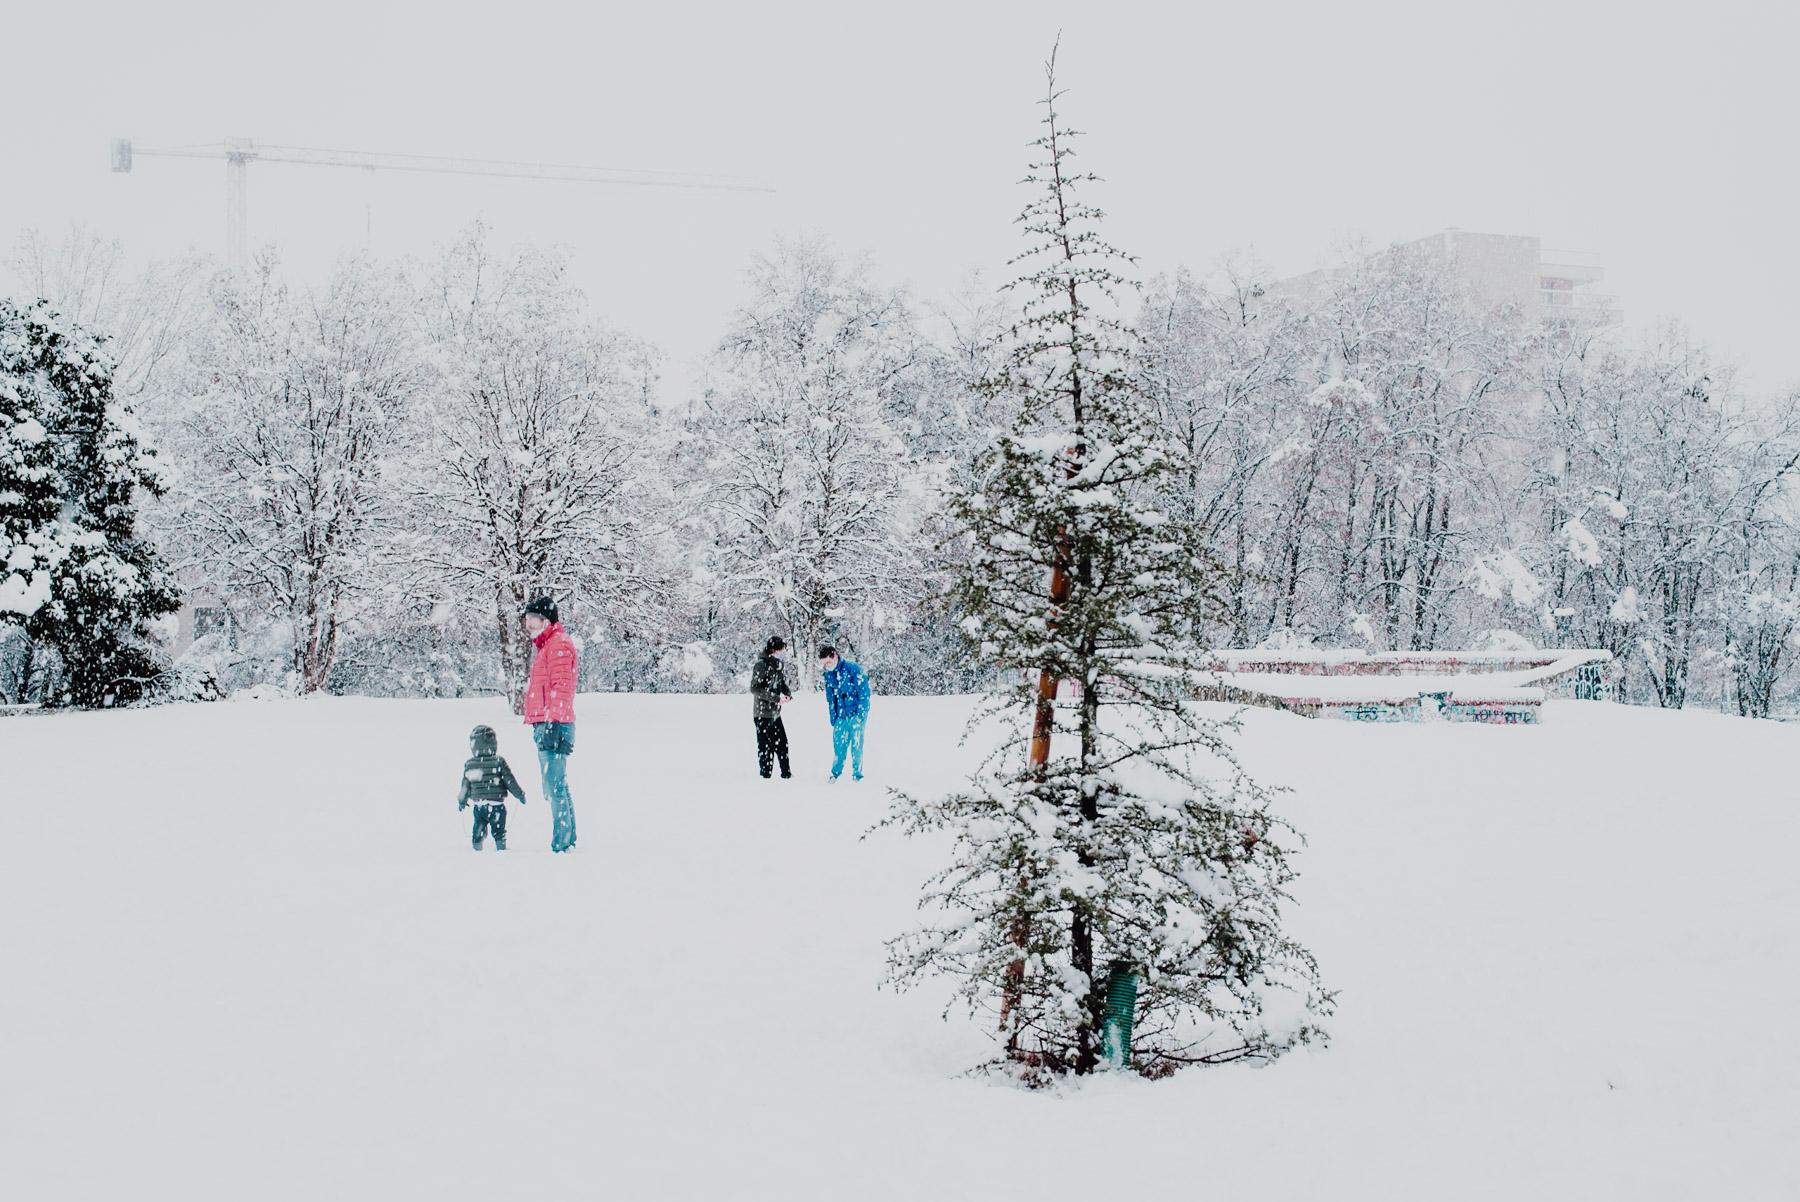 Snow in Milan on December 2020, a small tree is covered in snow while people on the background chat, neve a Milano a dicembre 2020 al parco Formentano c'è un piccolo albero coperto di neve e in lontananza delle persone e dei bambini che parlano